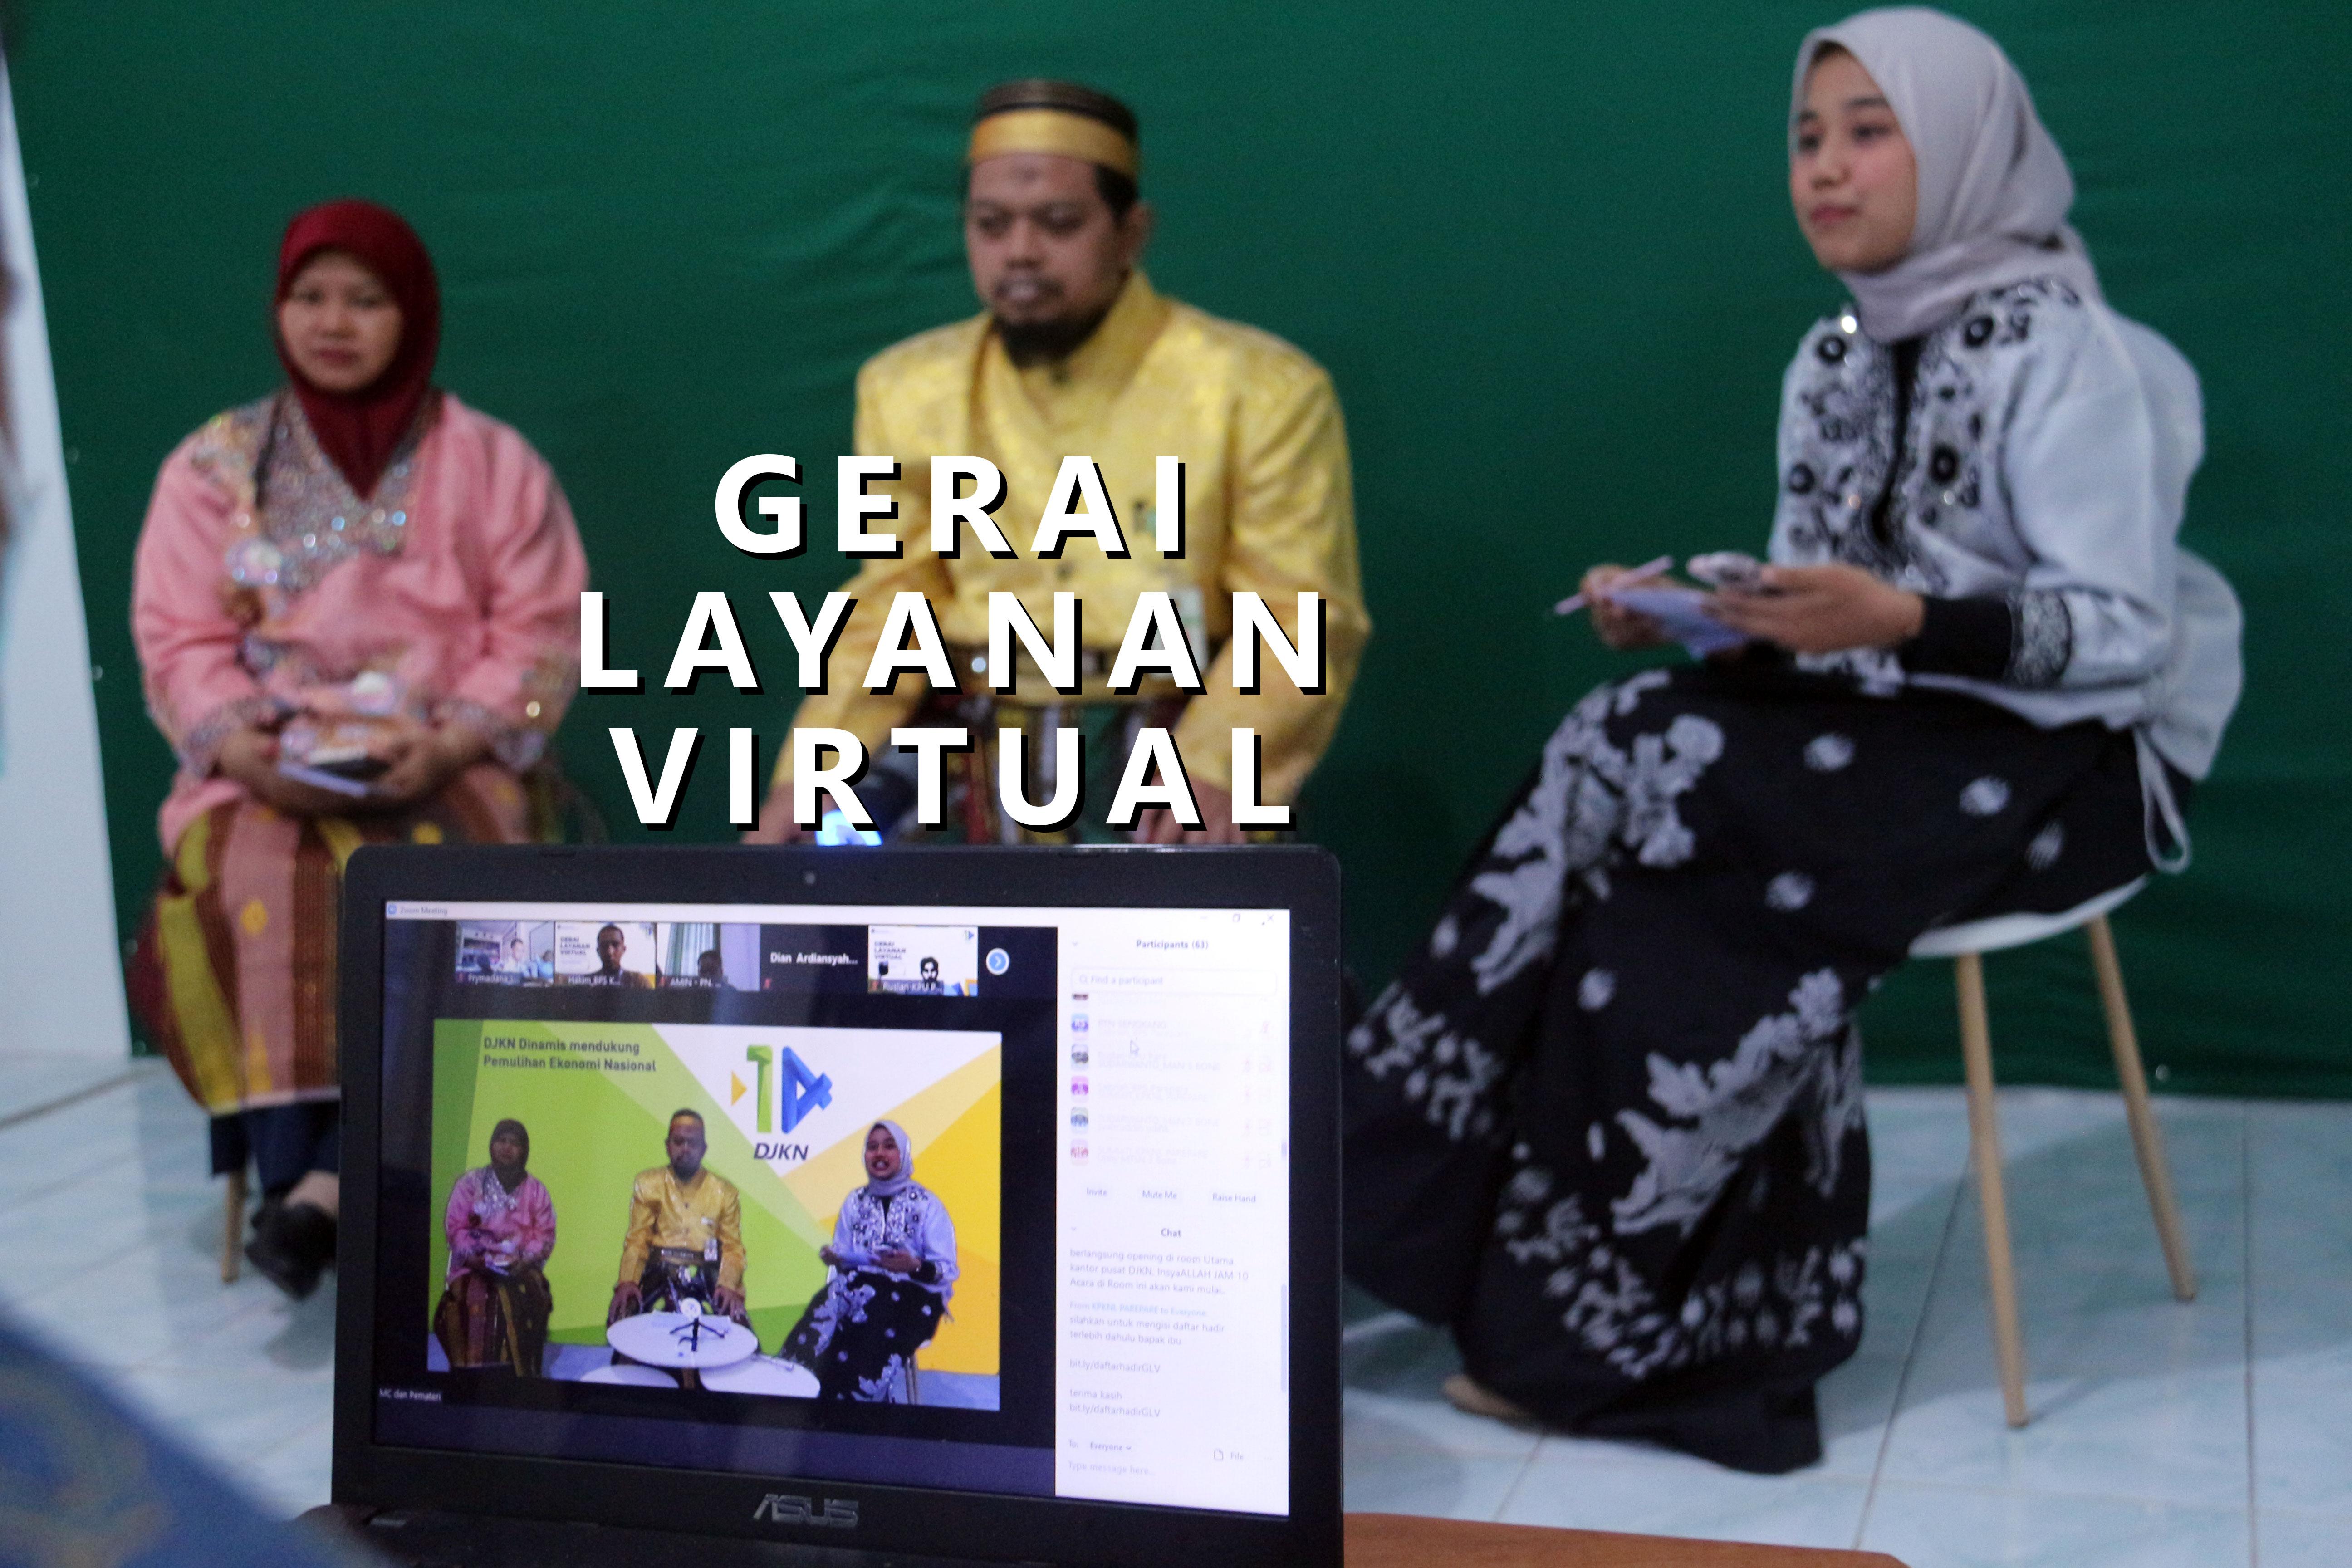 Peringati Hari Ulang Tahun DJKN Ke 14, KPKNL Parepare Selenggarakan Gerai Layanan Virtual